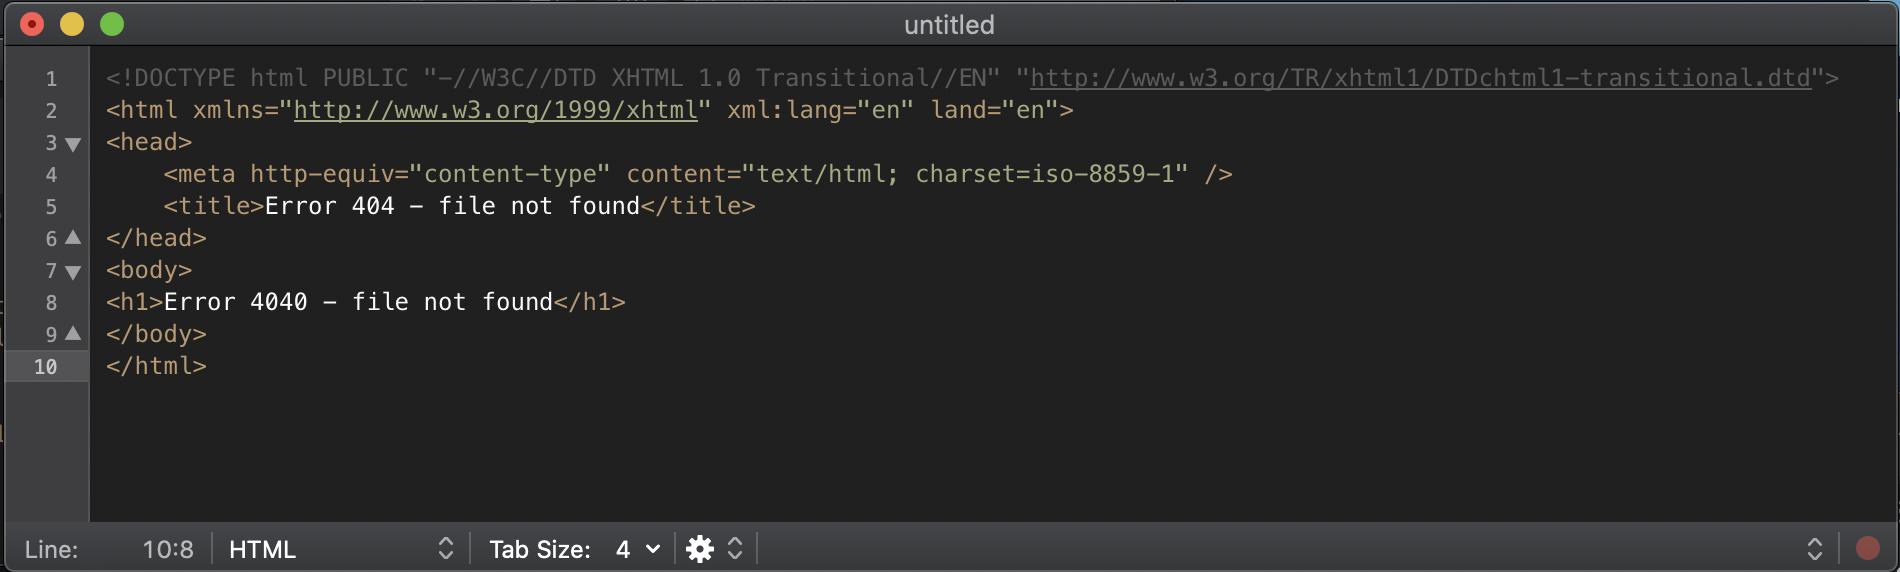 Quellcode: HTML-Markup einer 404-Fehlerseite